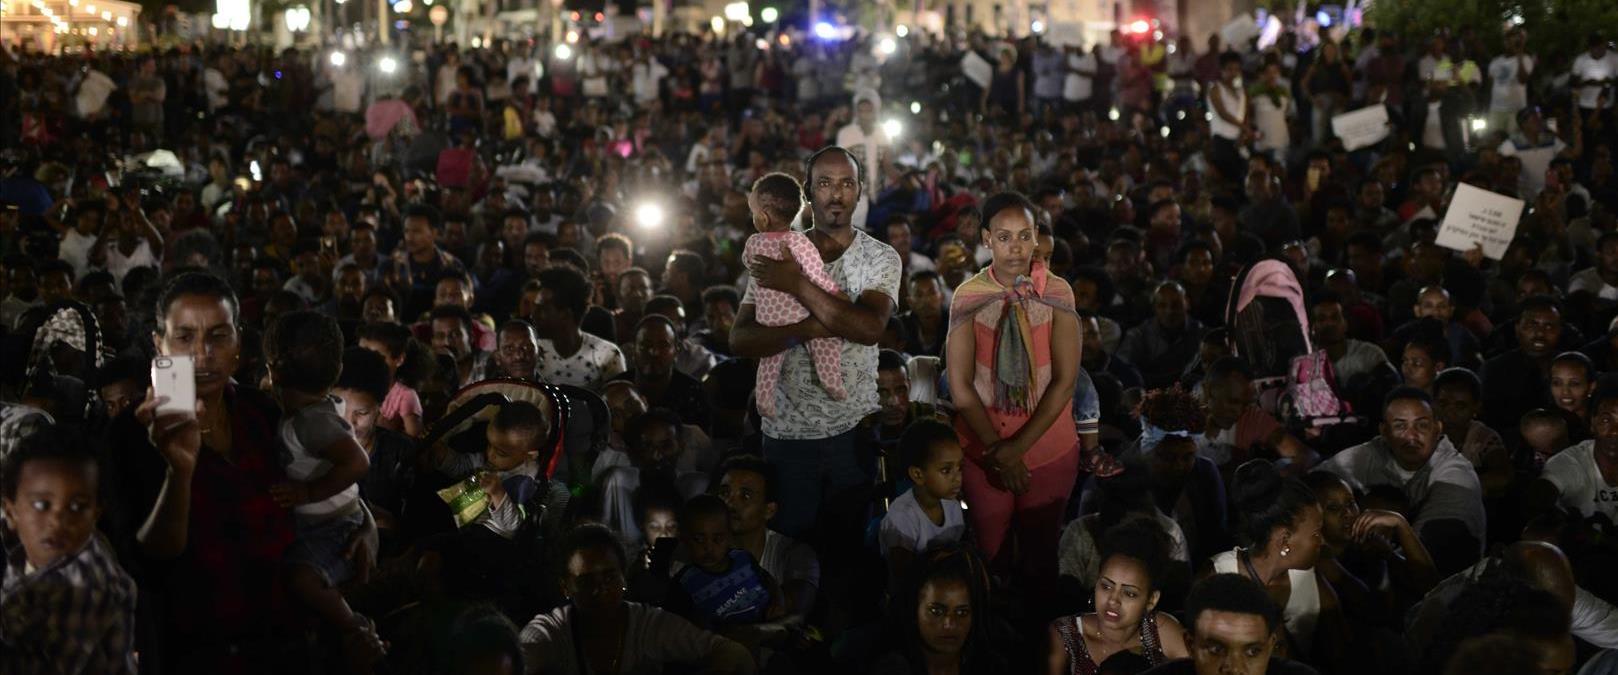 מהגרים מאפריקה מפגינים בתל אביב ב-2017